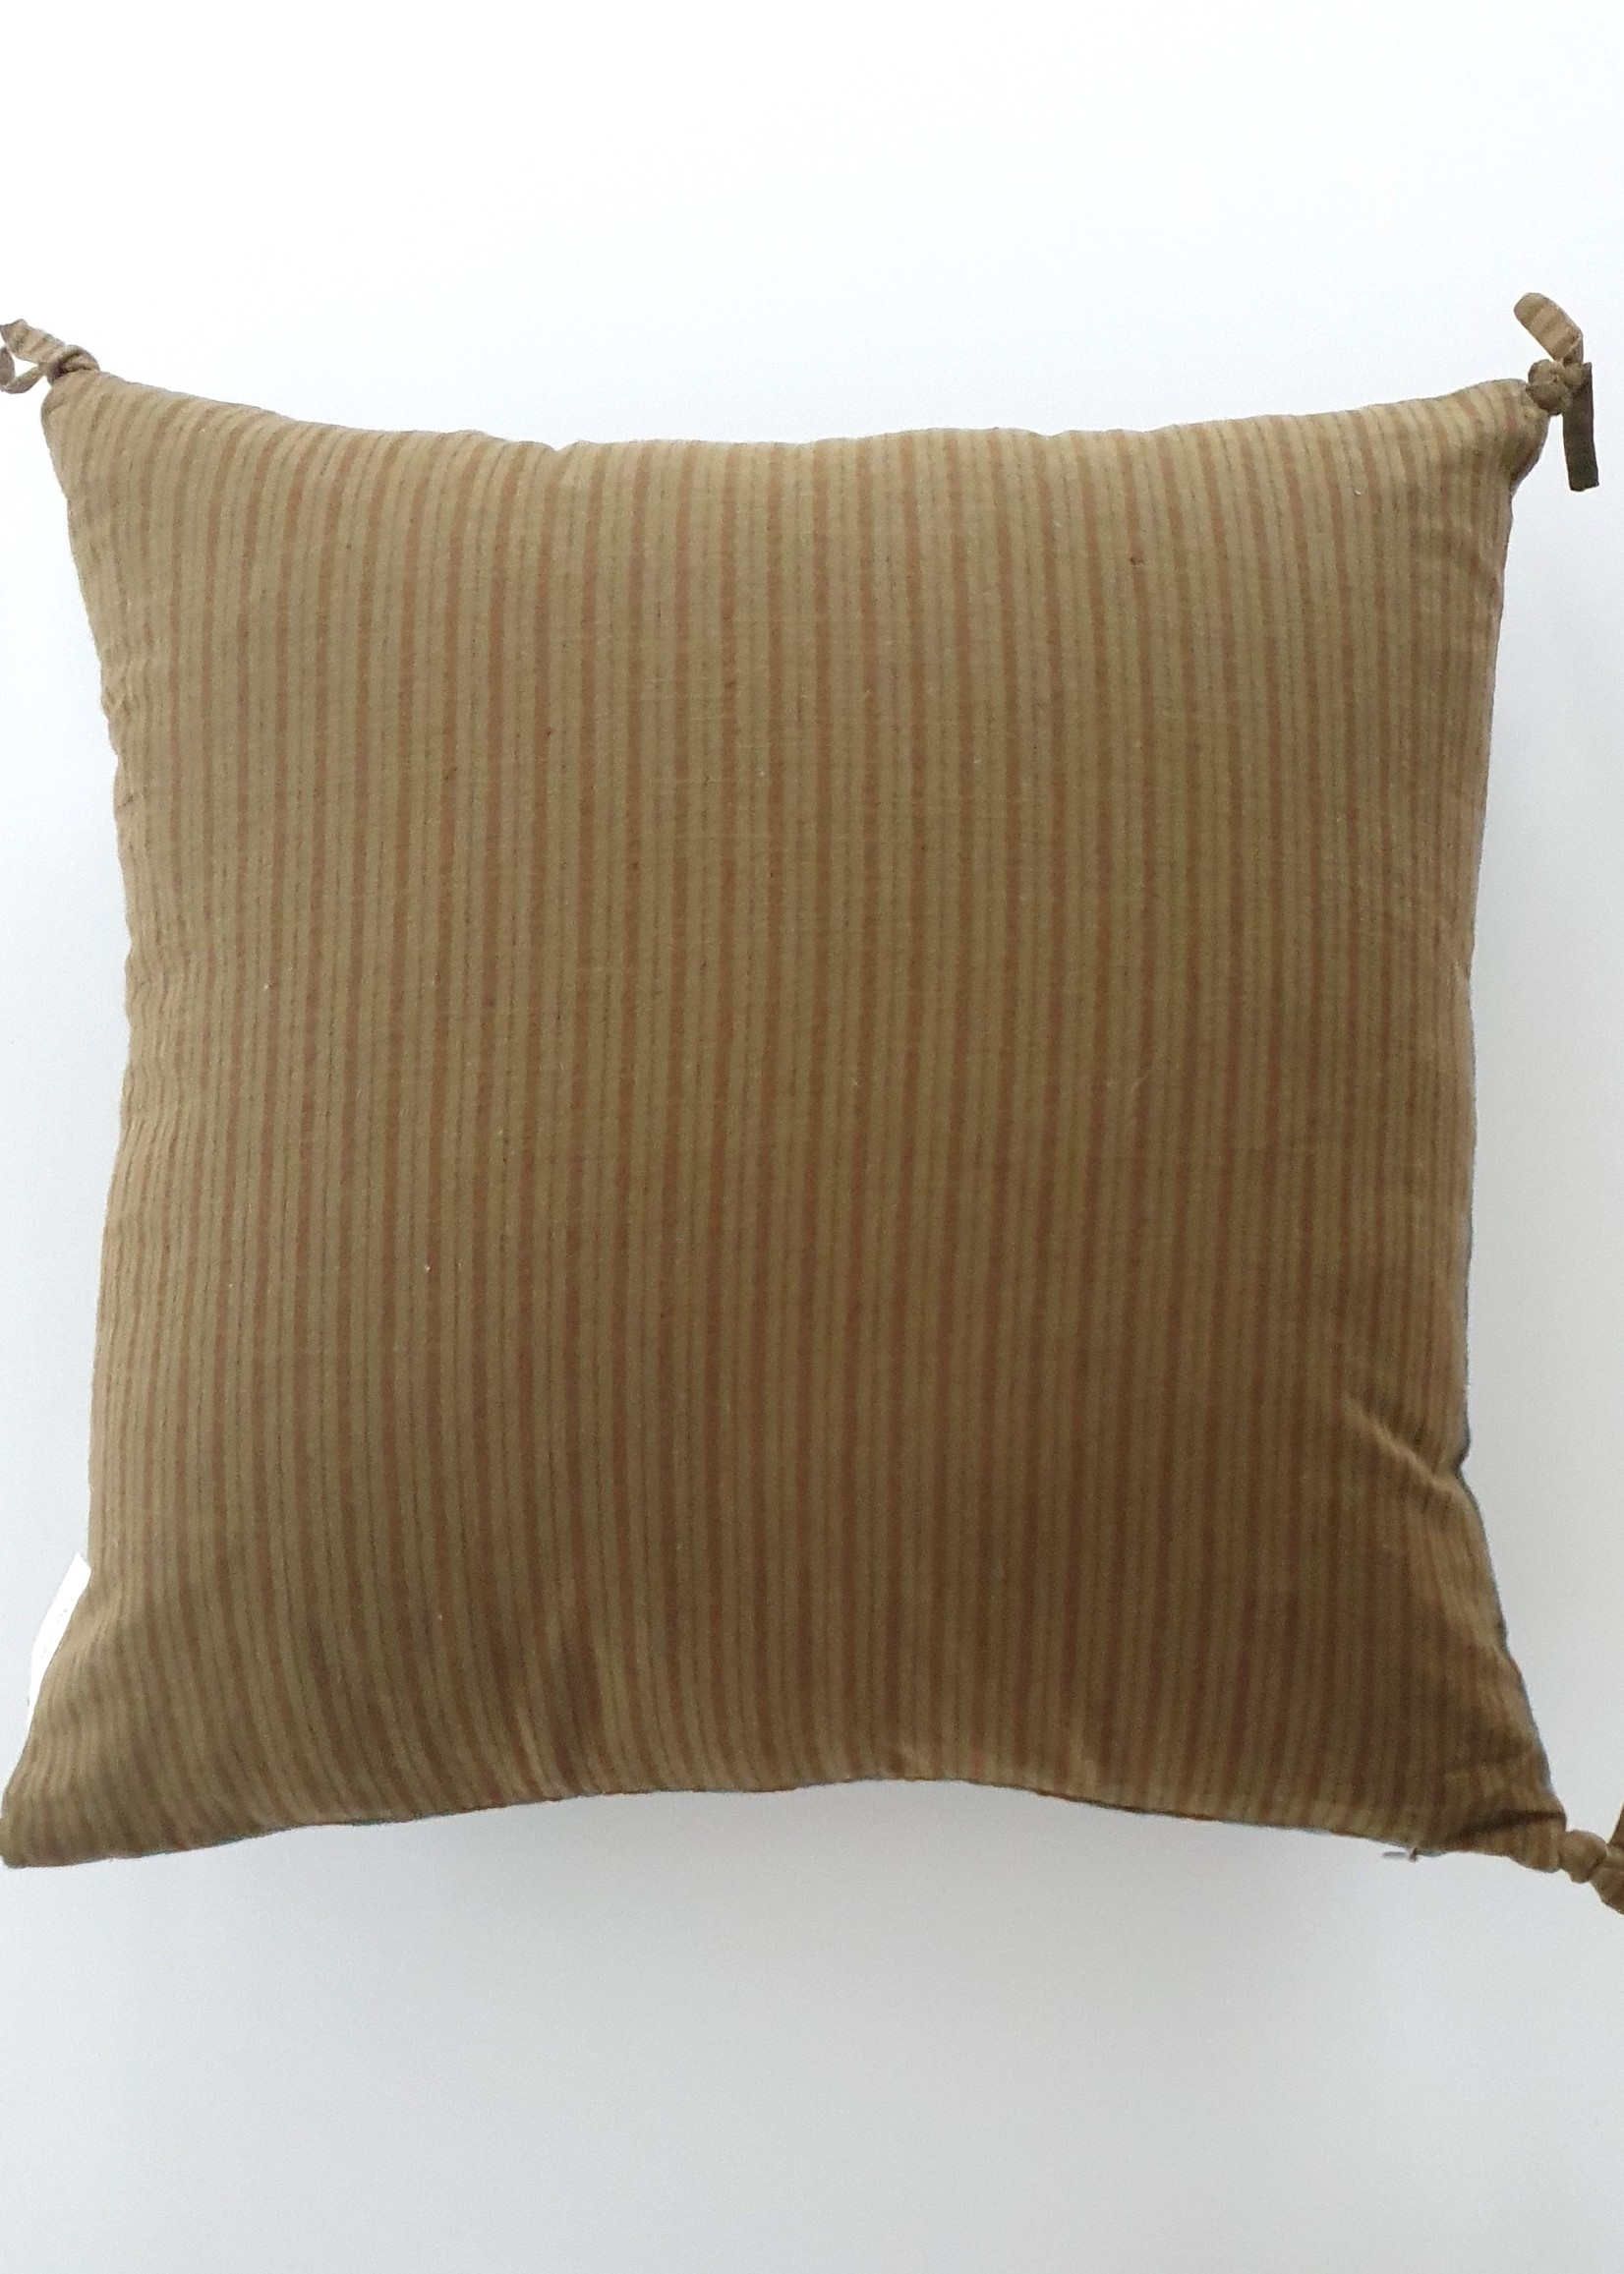 MUMBAI Coussin 45X45 cm OLIVE